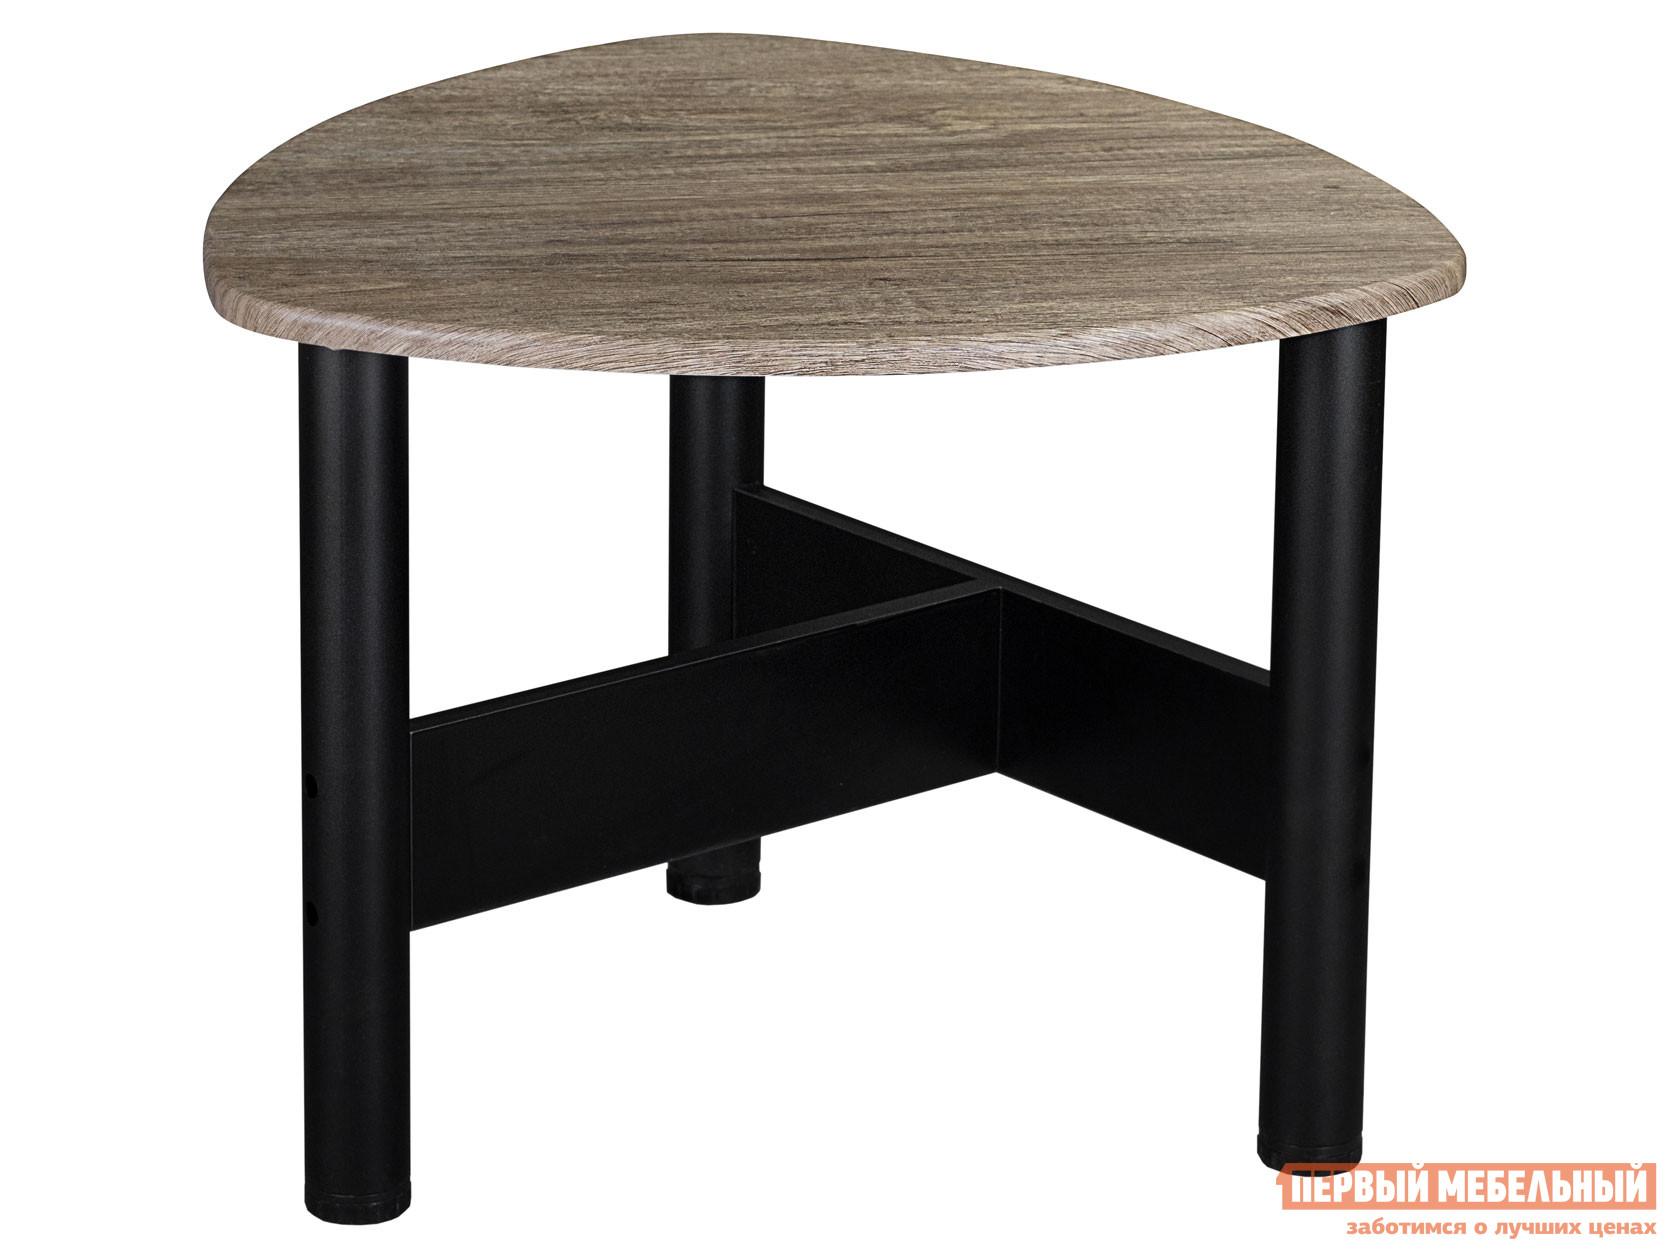 Журнальный столик Первый Мебельный СтолжурнальныйСаут 3Д